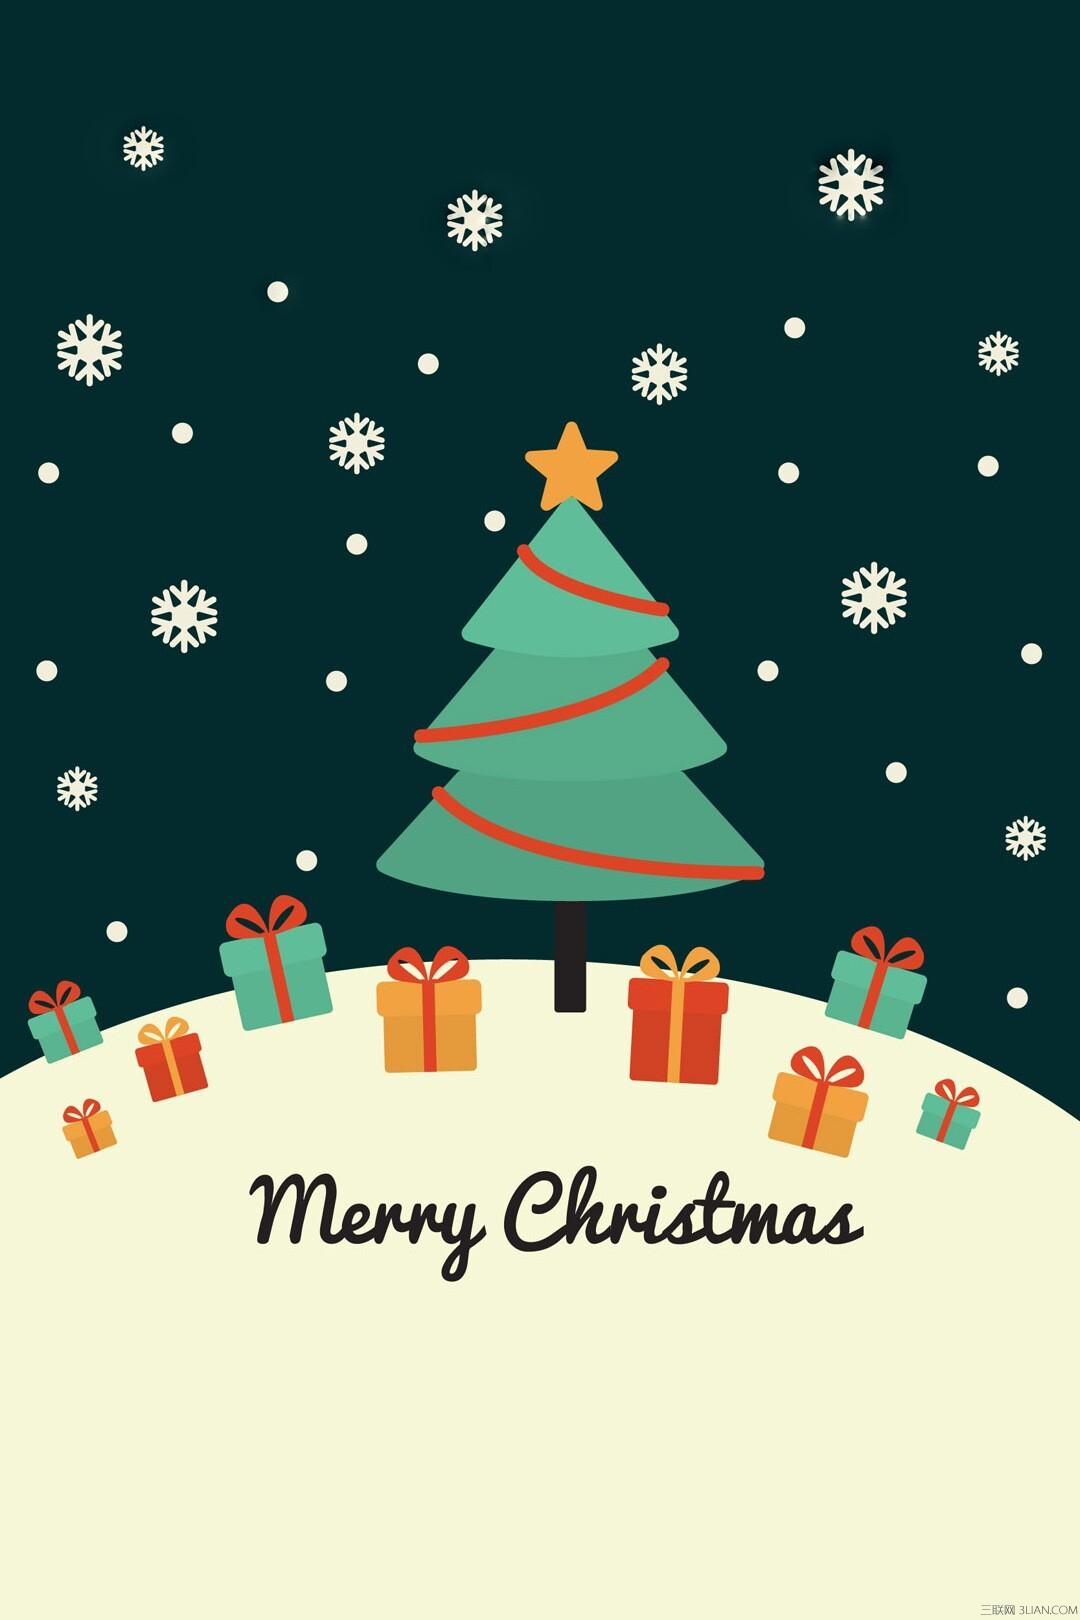 表情 平安夜圣诞节祝福语大全 祝福语大全 三联 表情